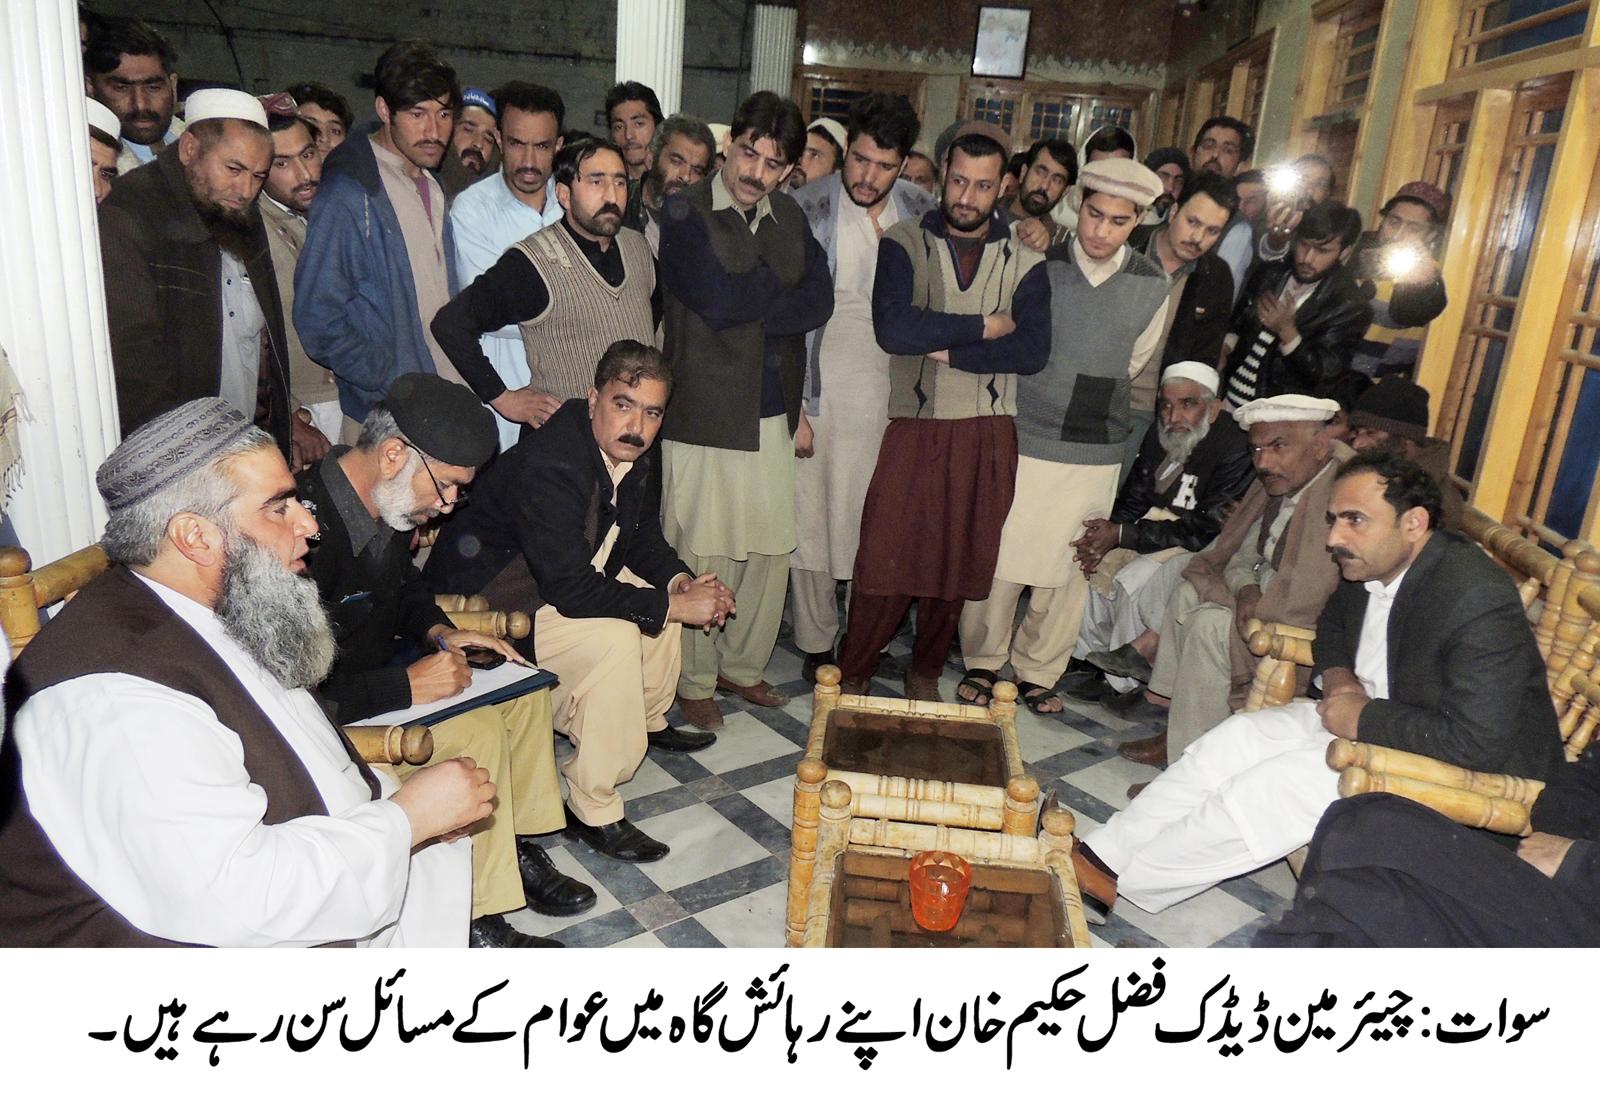 ہمارے سیاست کا مقصد غریب عوام کی خدمت کرنا ہے /فضل حکیم خان